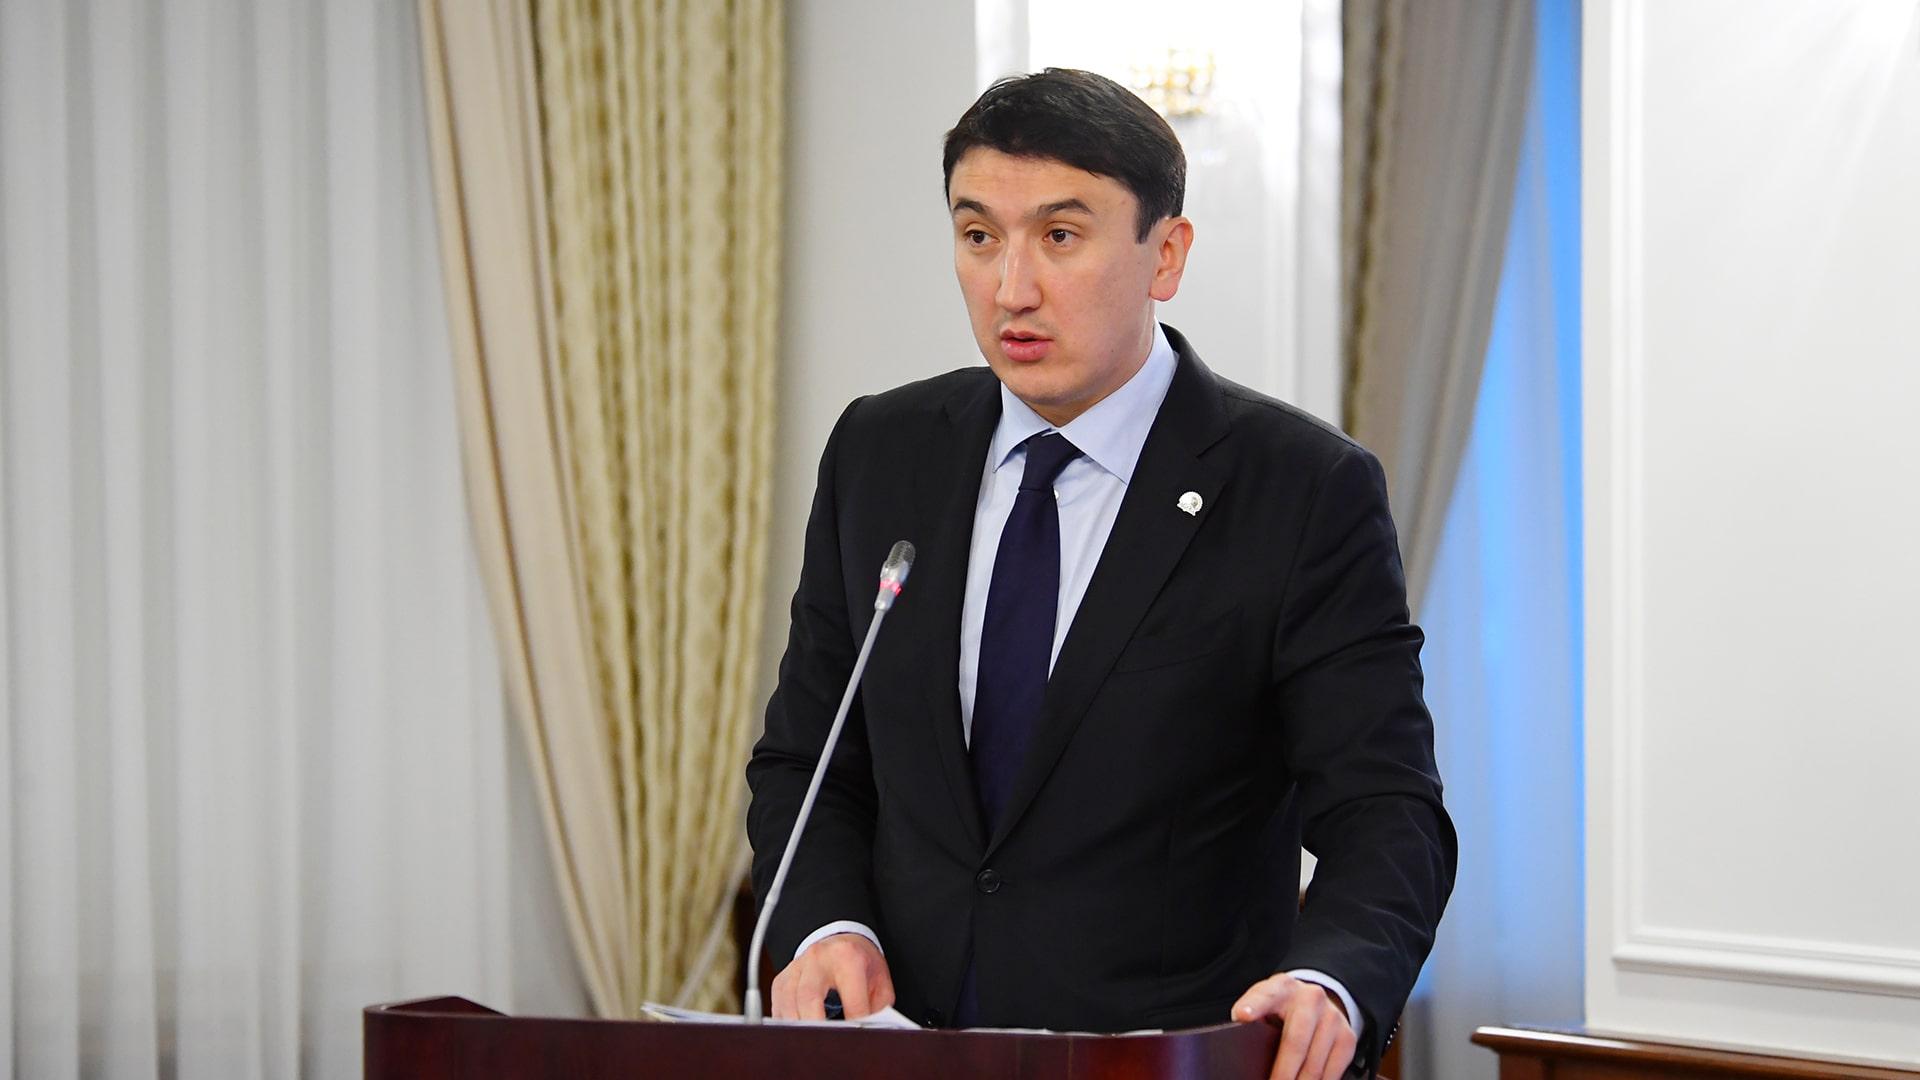 Мағзұм Мырзағалиев